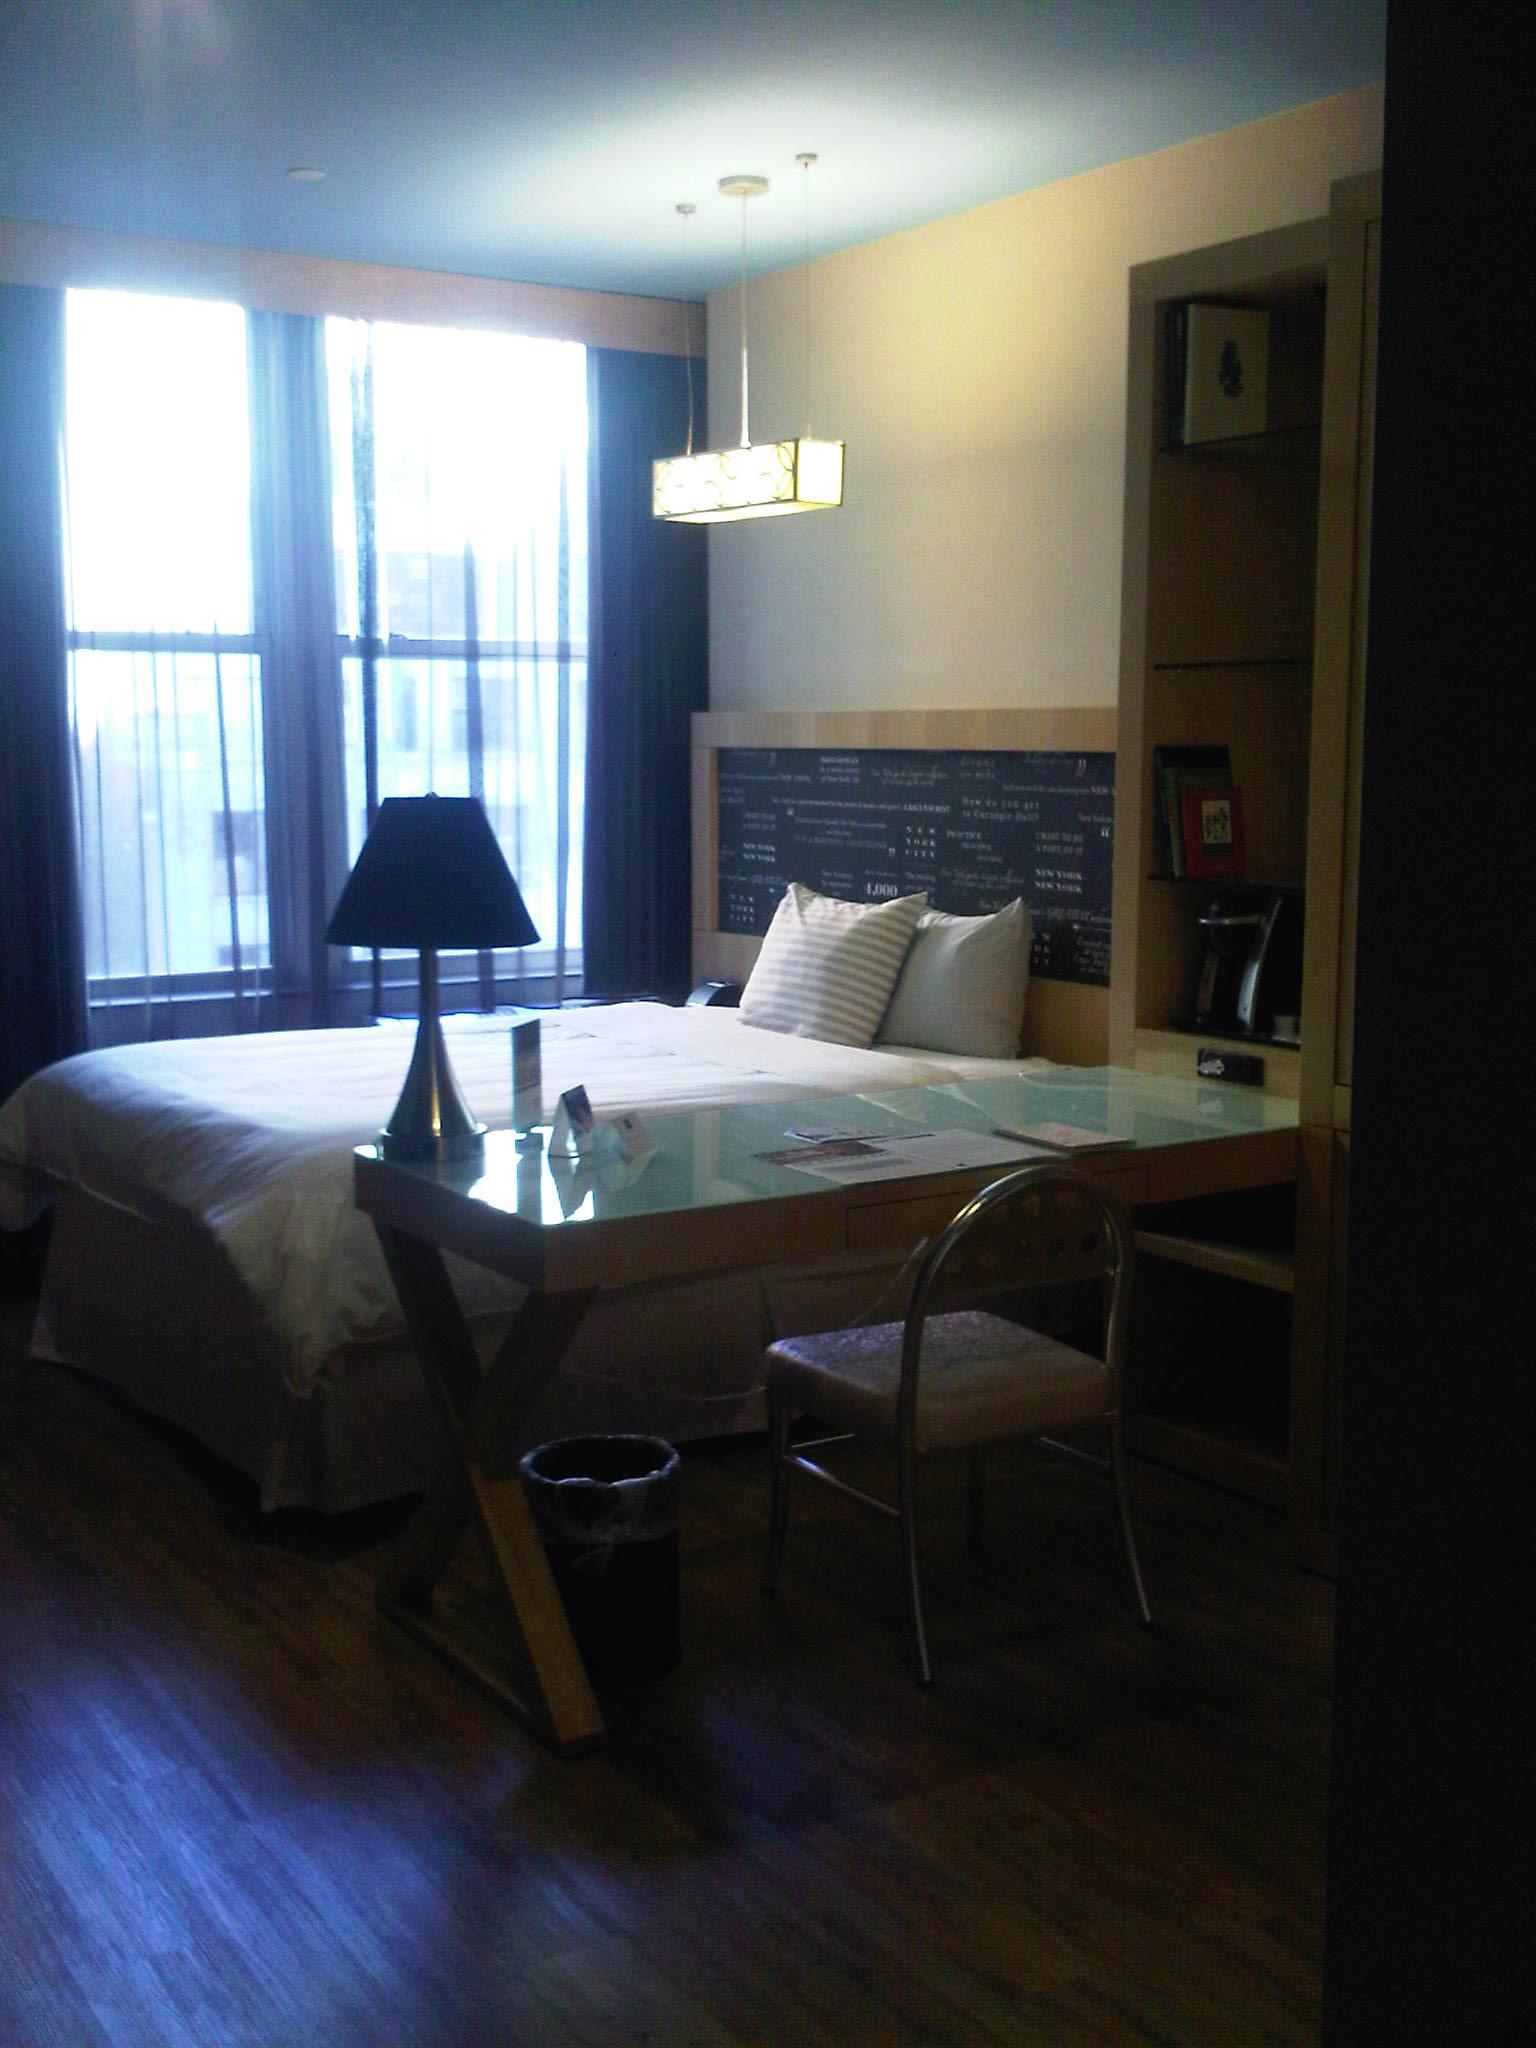 Tryp NY Hotel Room